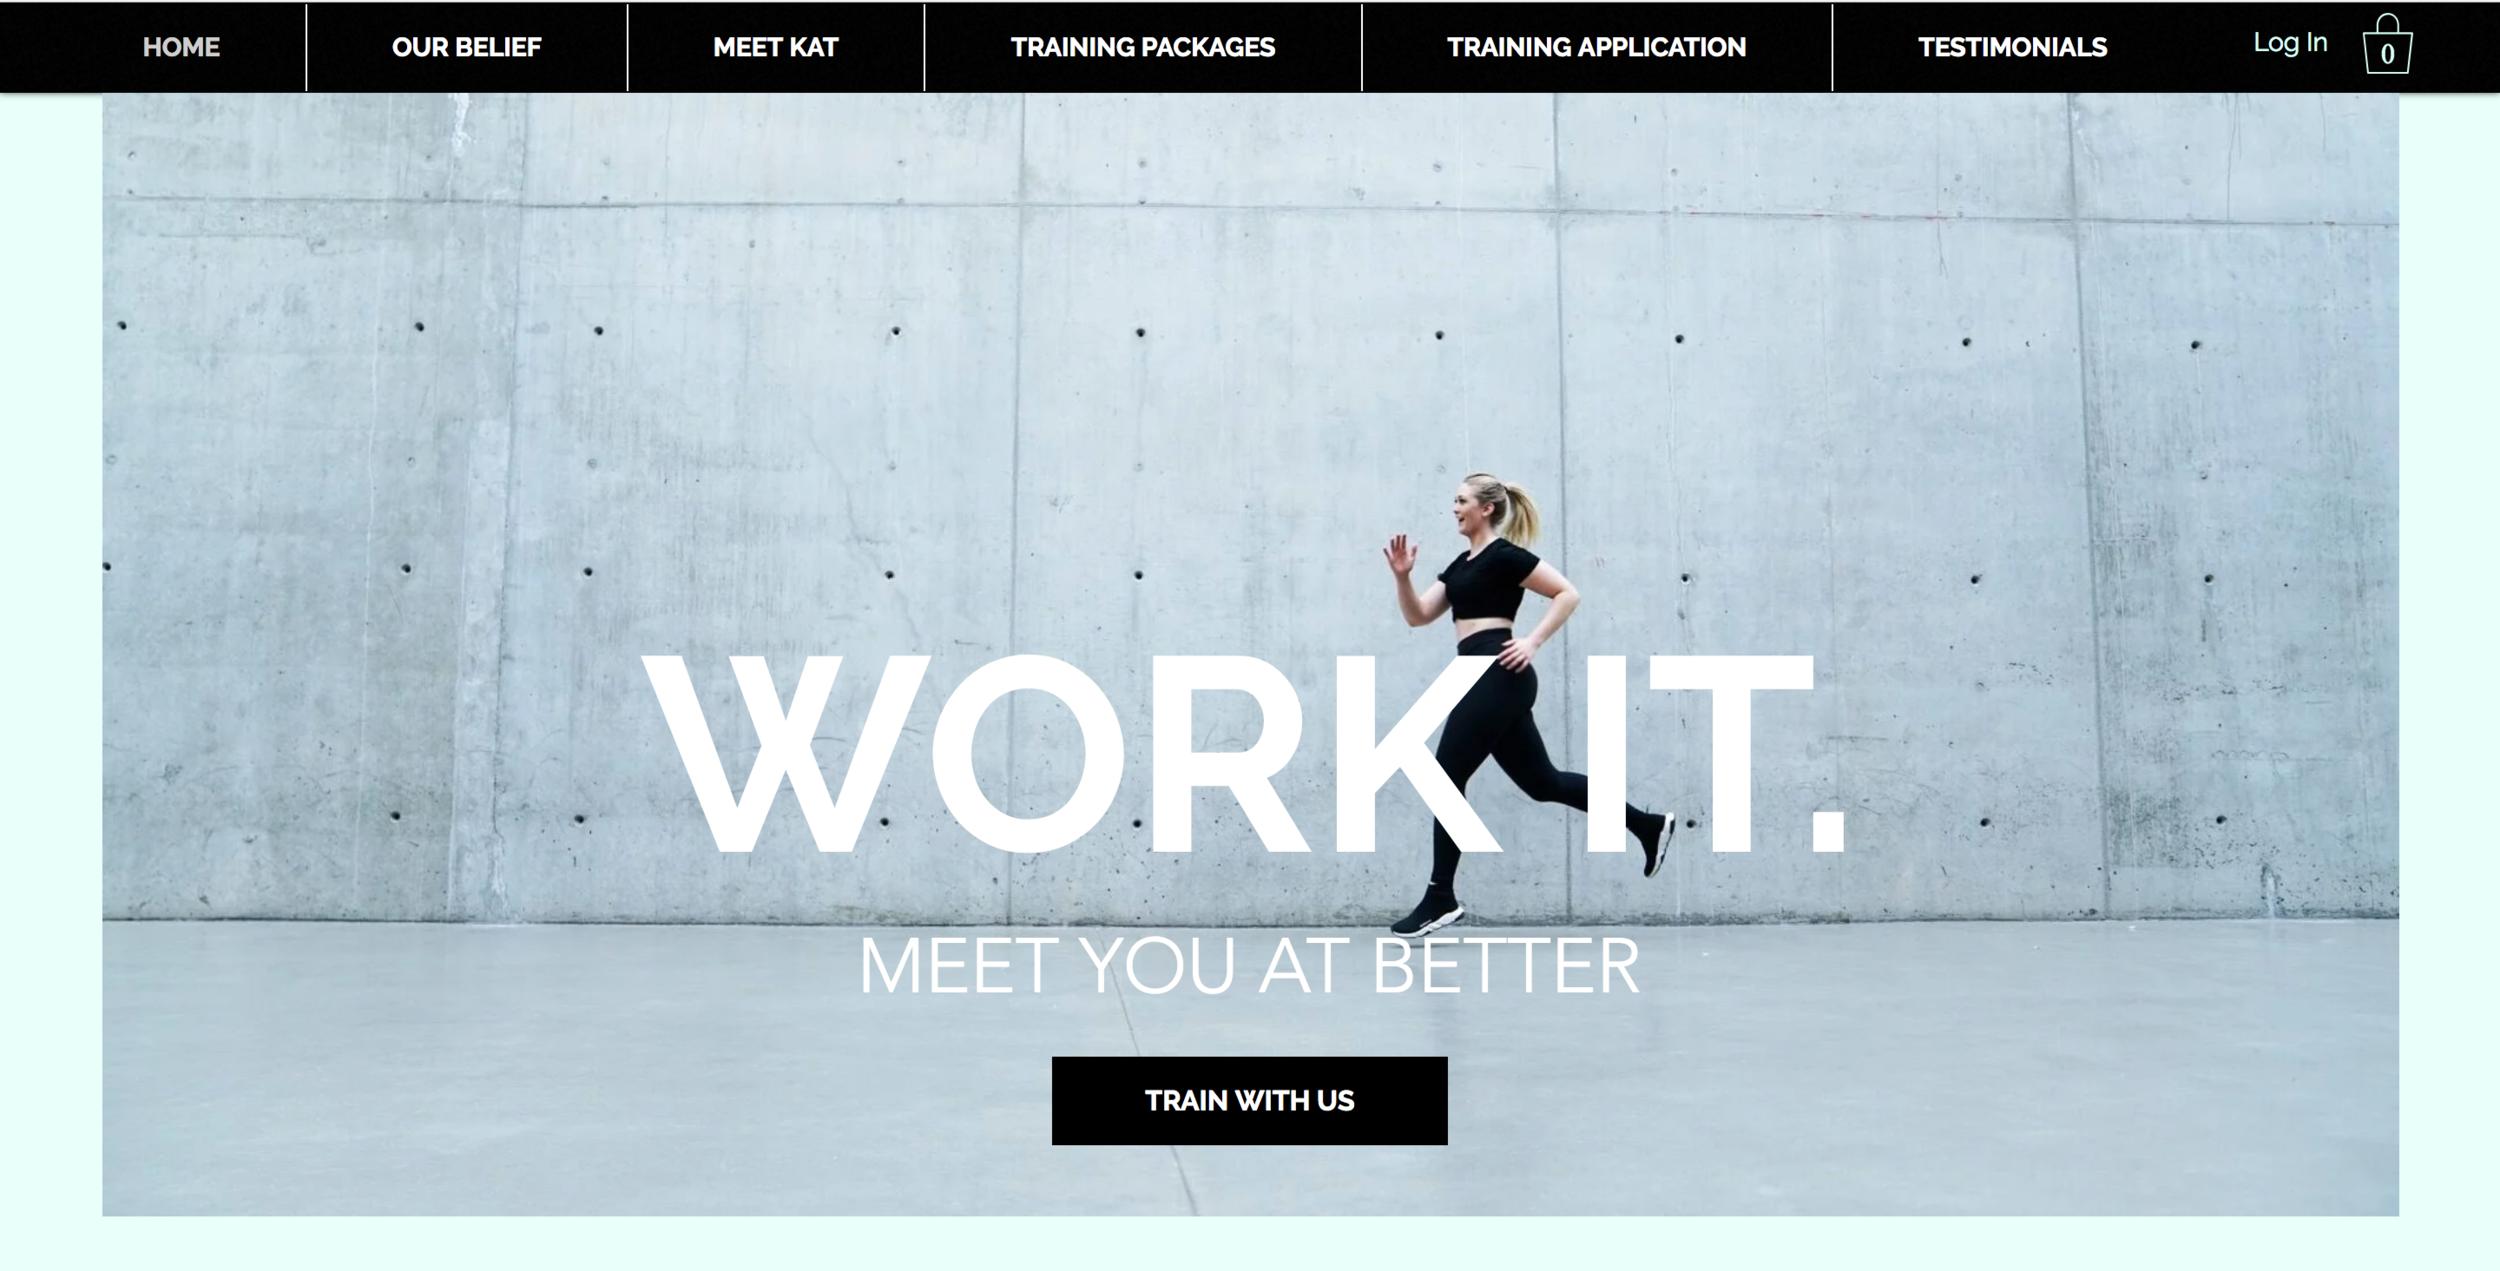 WORK IT Fitness Website! https://www.workitfitness.co/